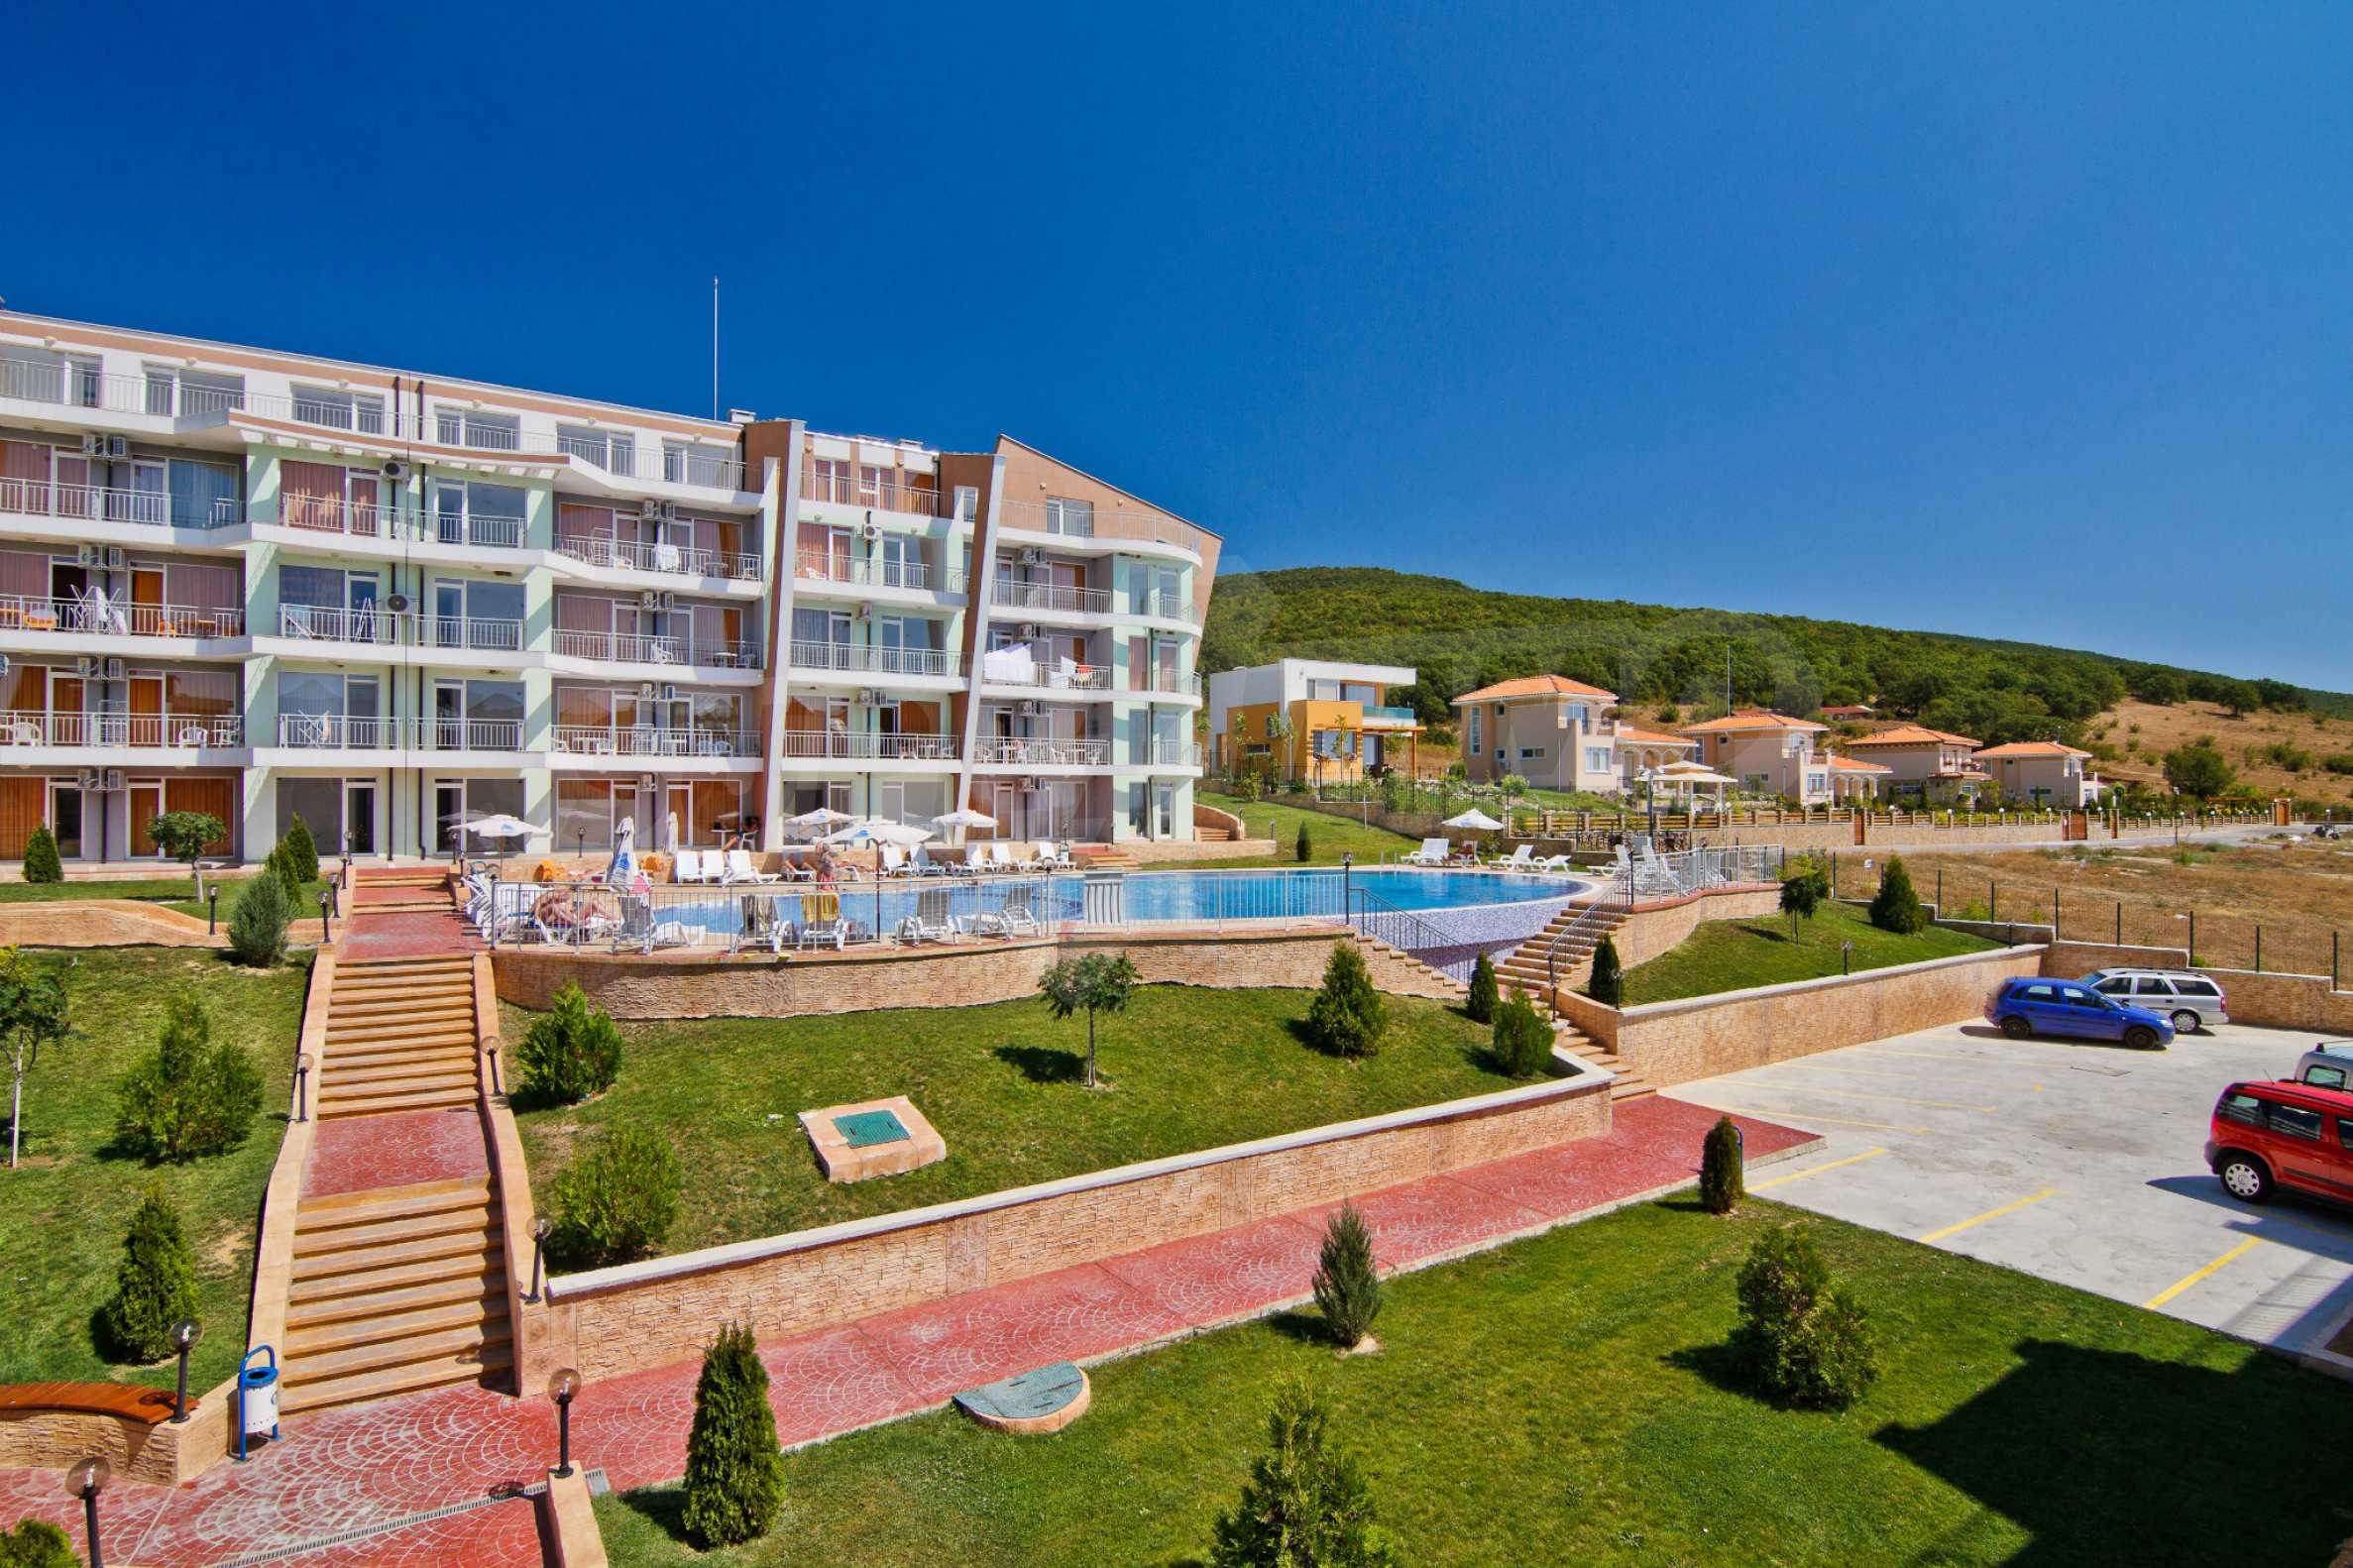 Sunset Kosharitsa - Apartments in einem attraktiven Berg- und Seekomplex, 5 Autominuten vom Sonnenstrand entfernt 5